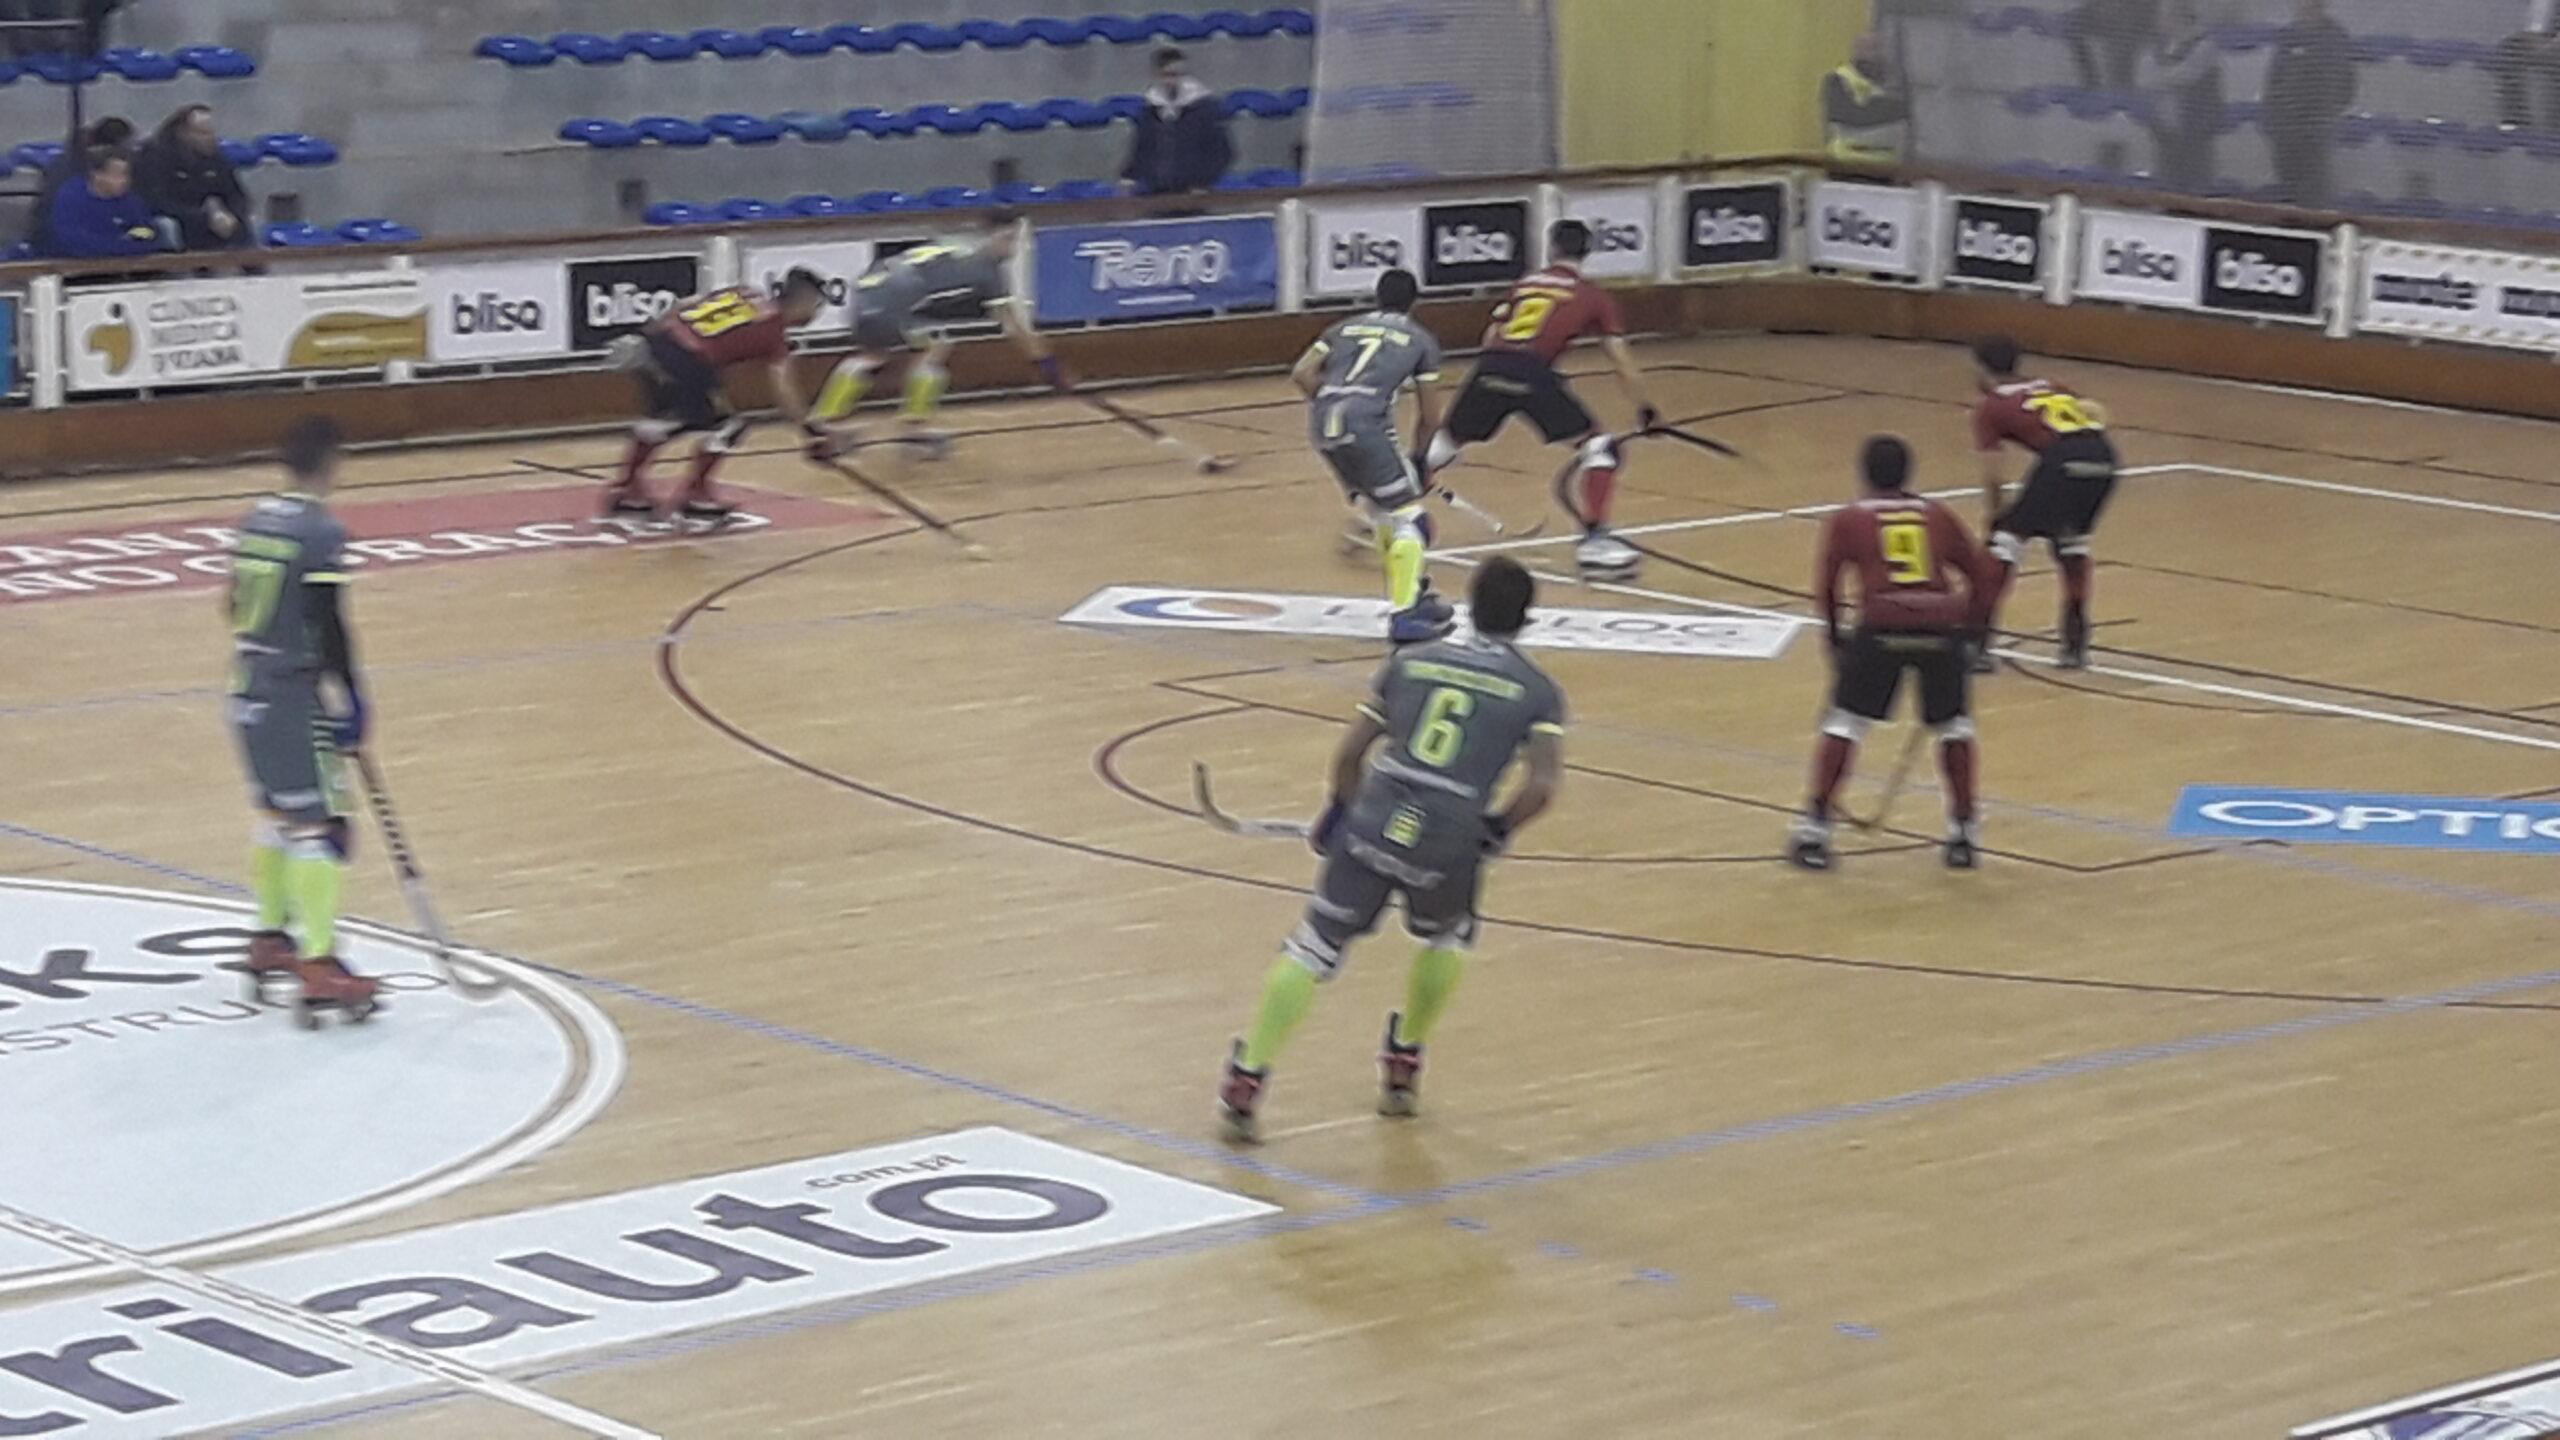 Juventude de Viana deixa fugir primeira vitória no campeonato de hóquei em patins a treze segundos do fim